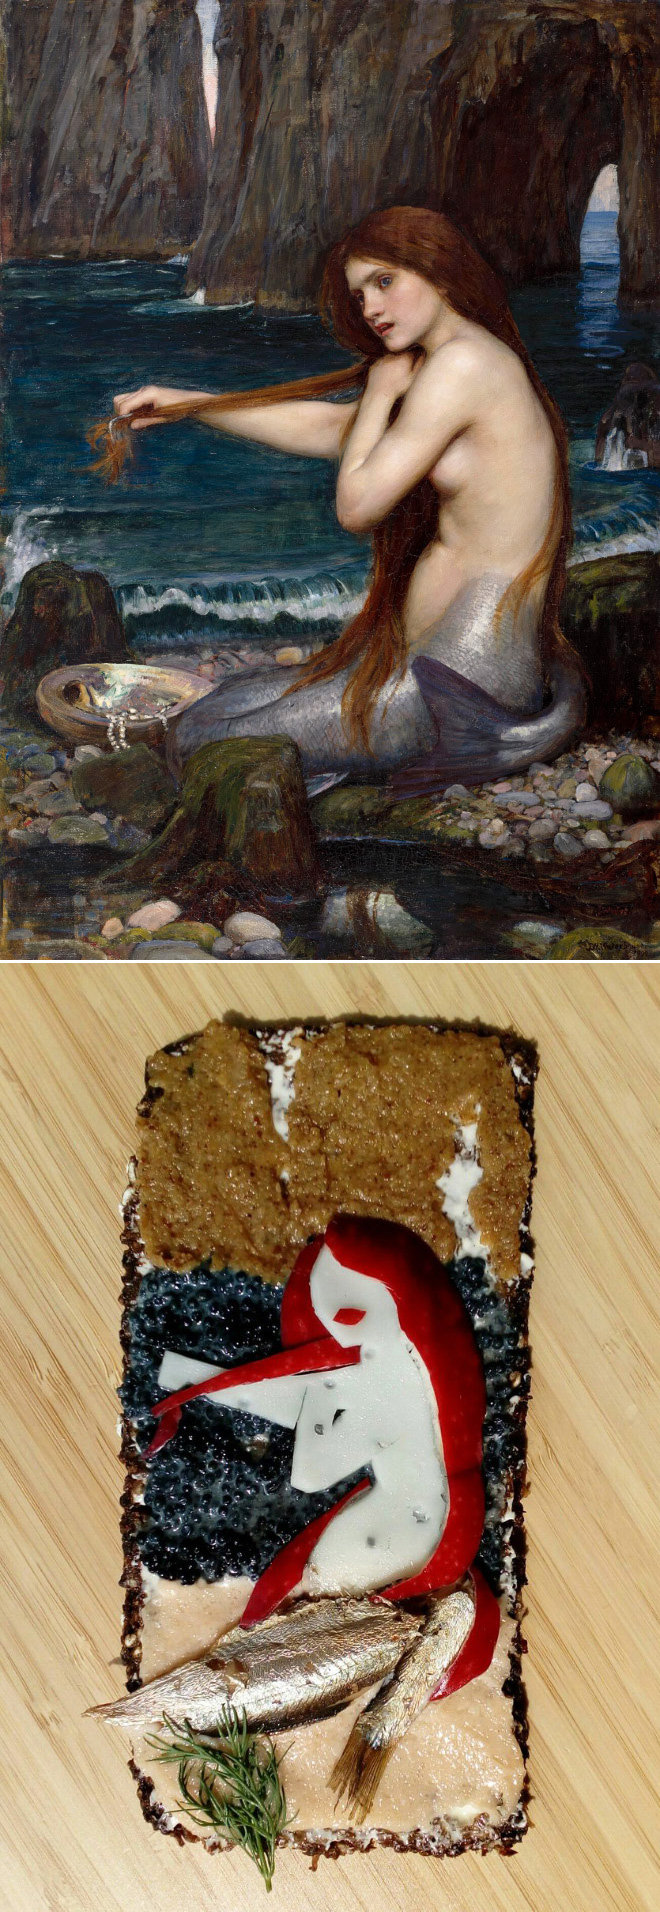 El arte del bocadillo.